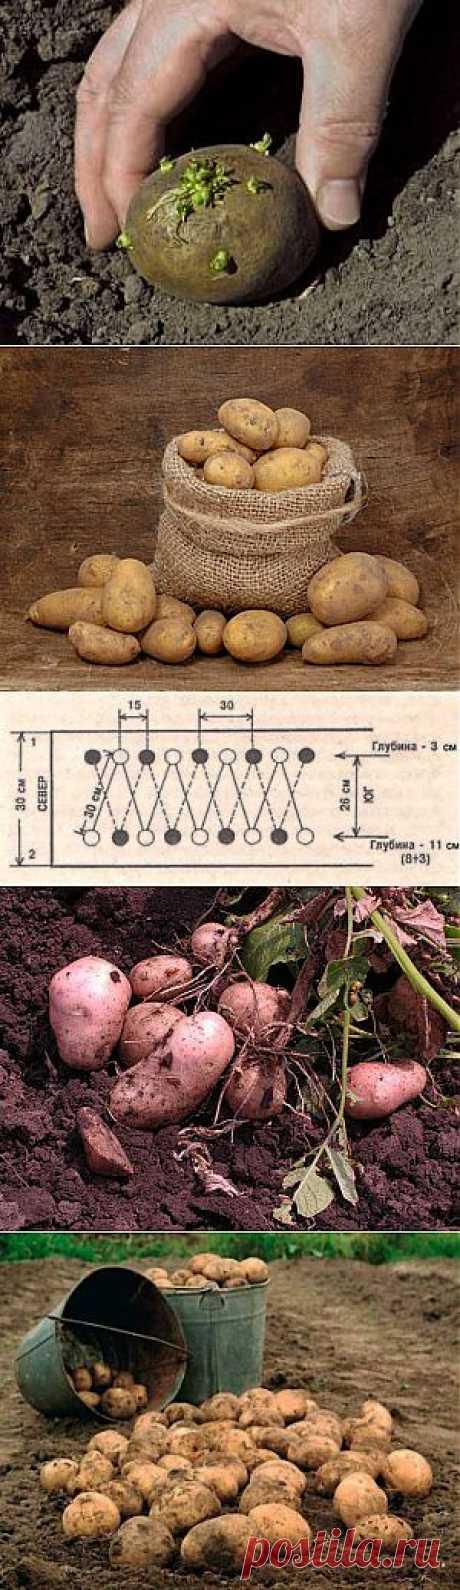 Все о картофеле-различные методики и способы.